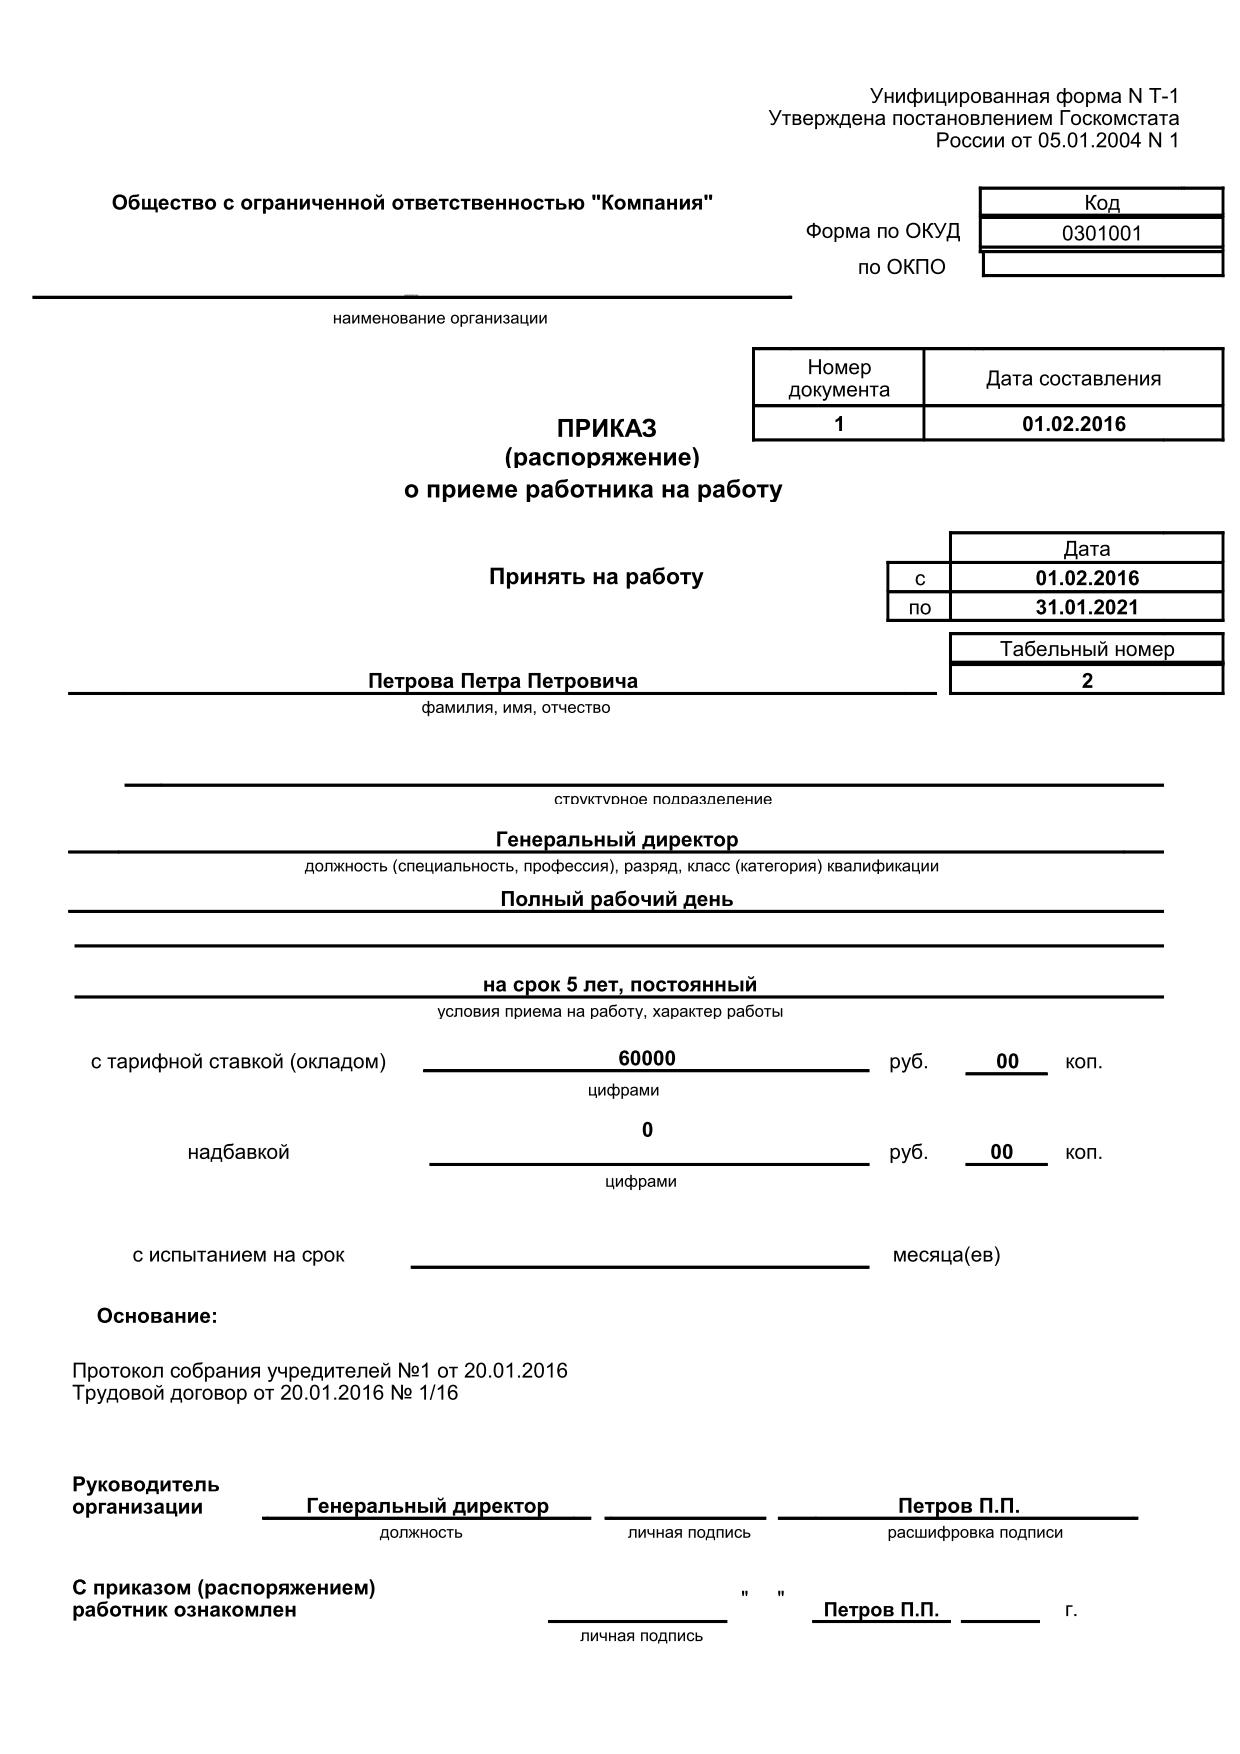 Образец приказа о приеме на работу 2018 | бланк формы т-1.